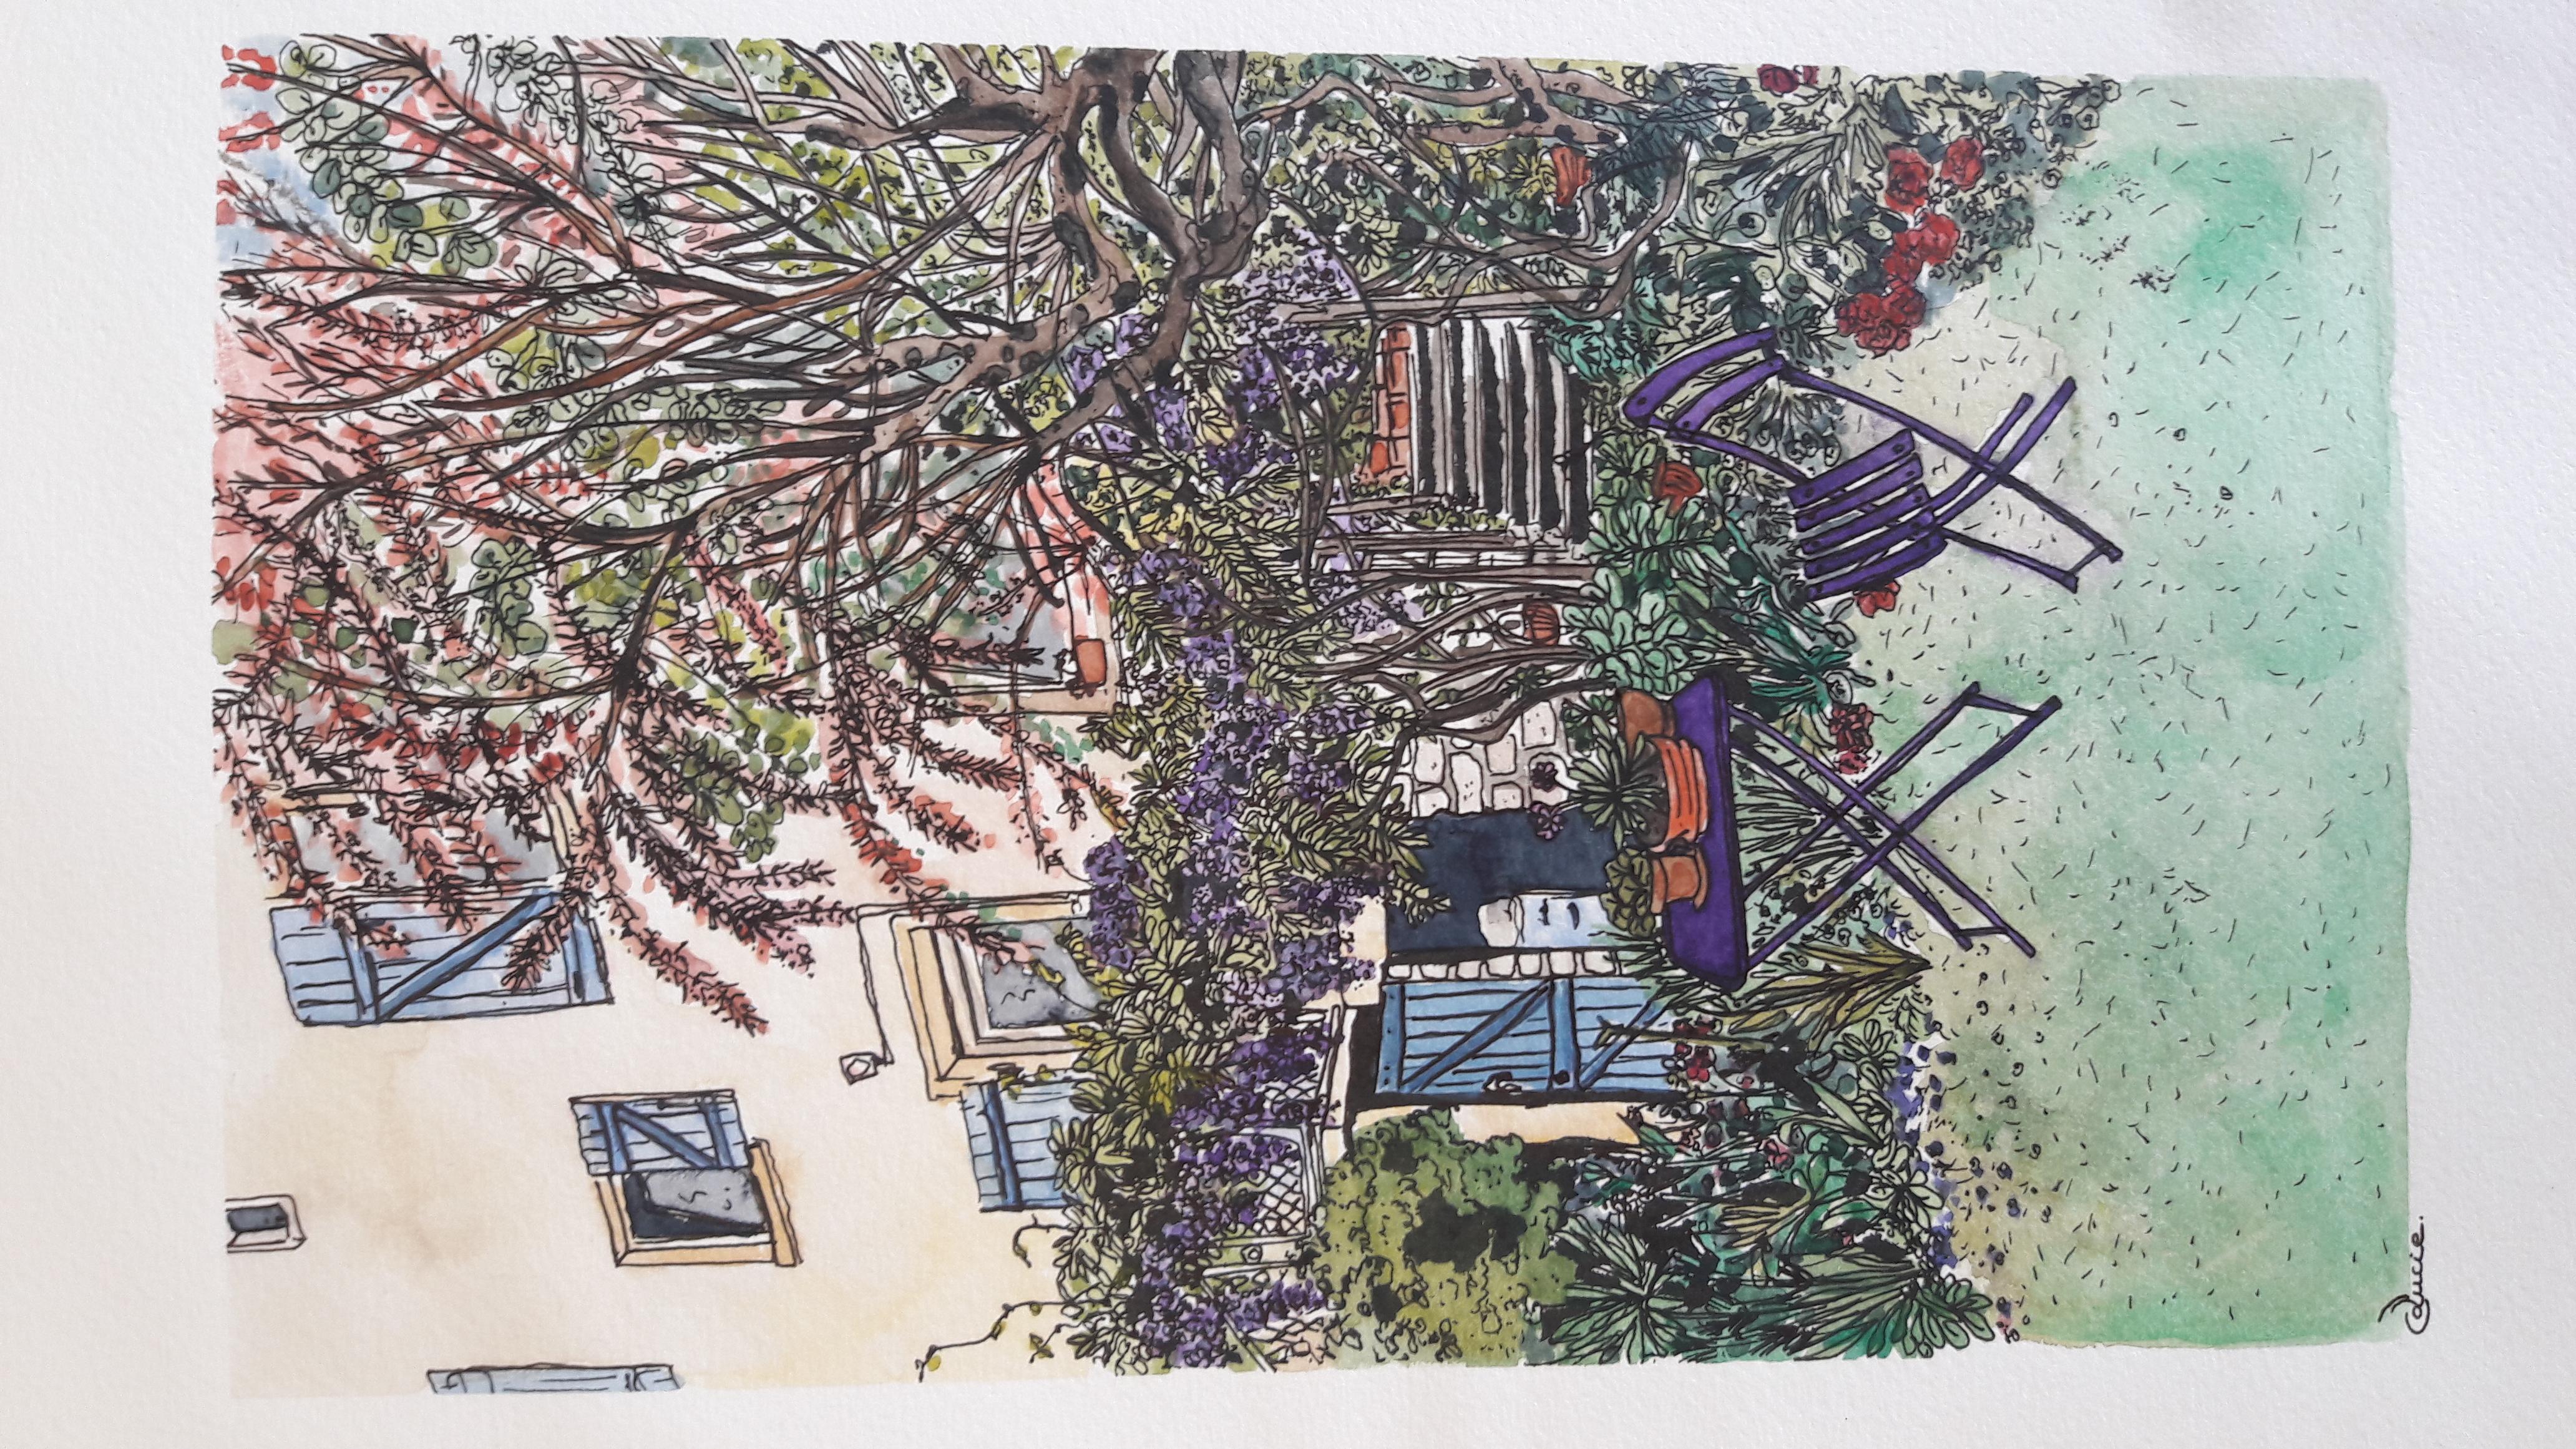 Jardin à Bar-le-duc - 15x25 cm